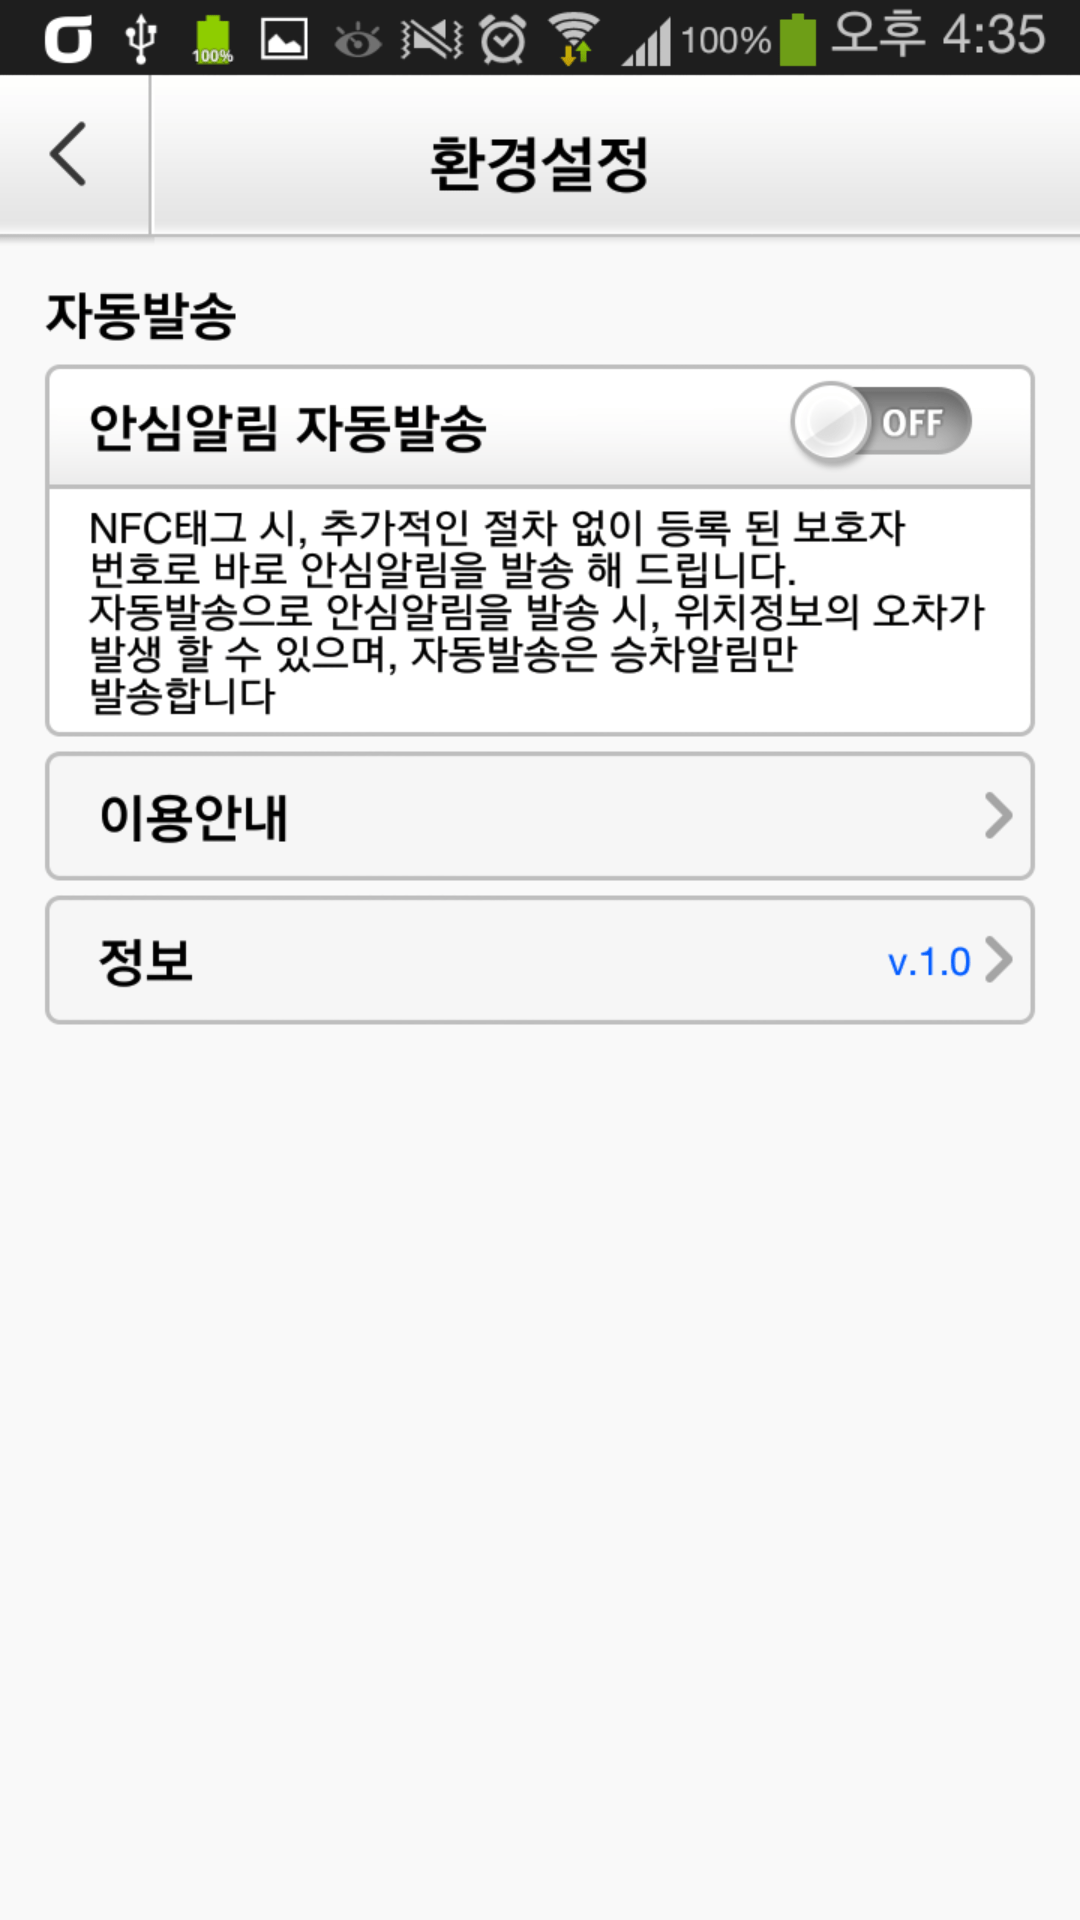 아산시 택시 안심서비스 환경설정